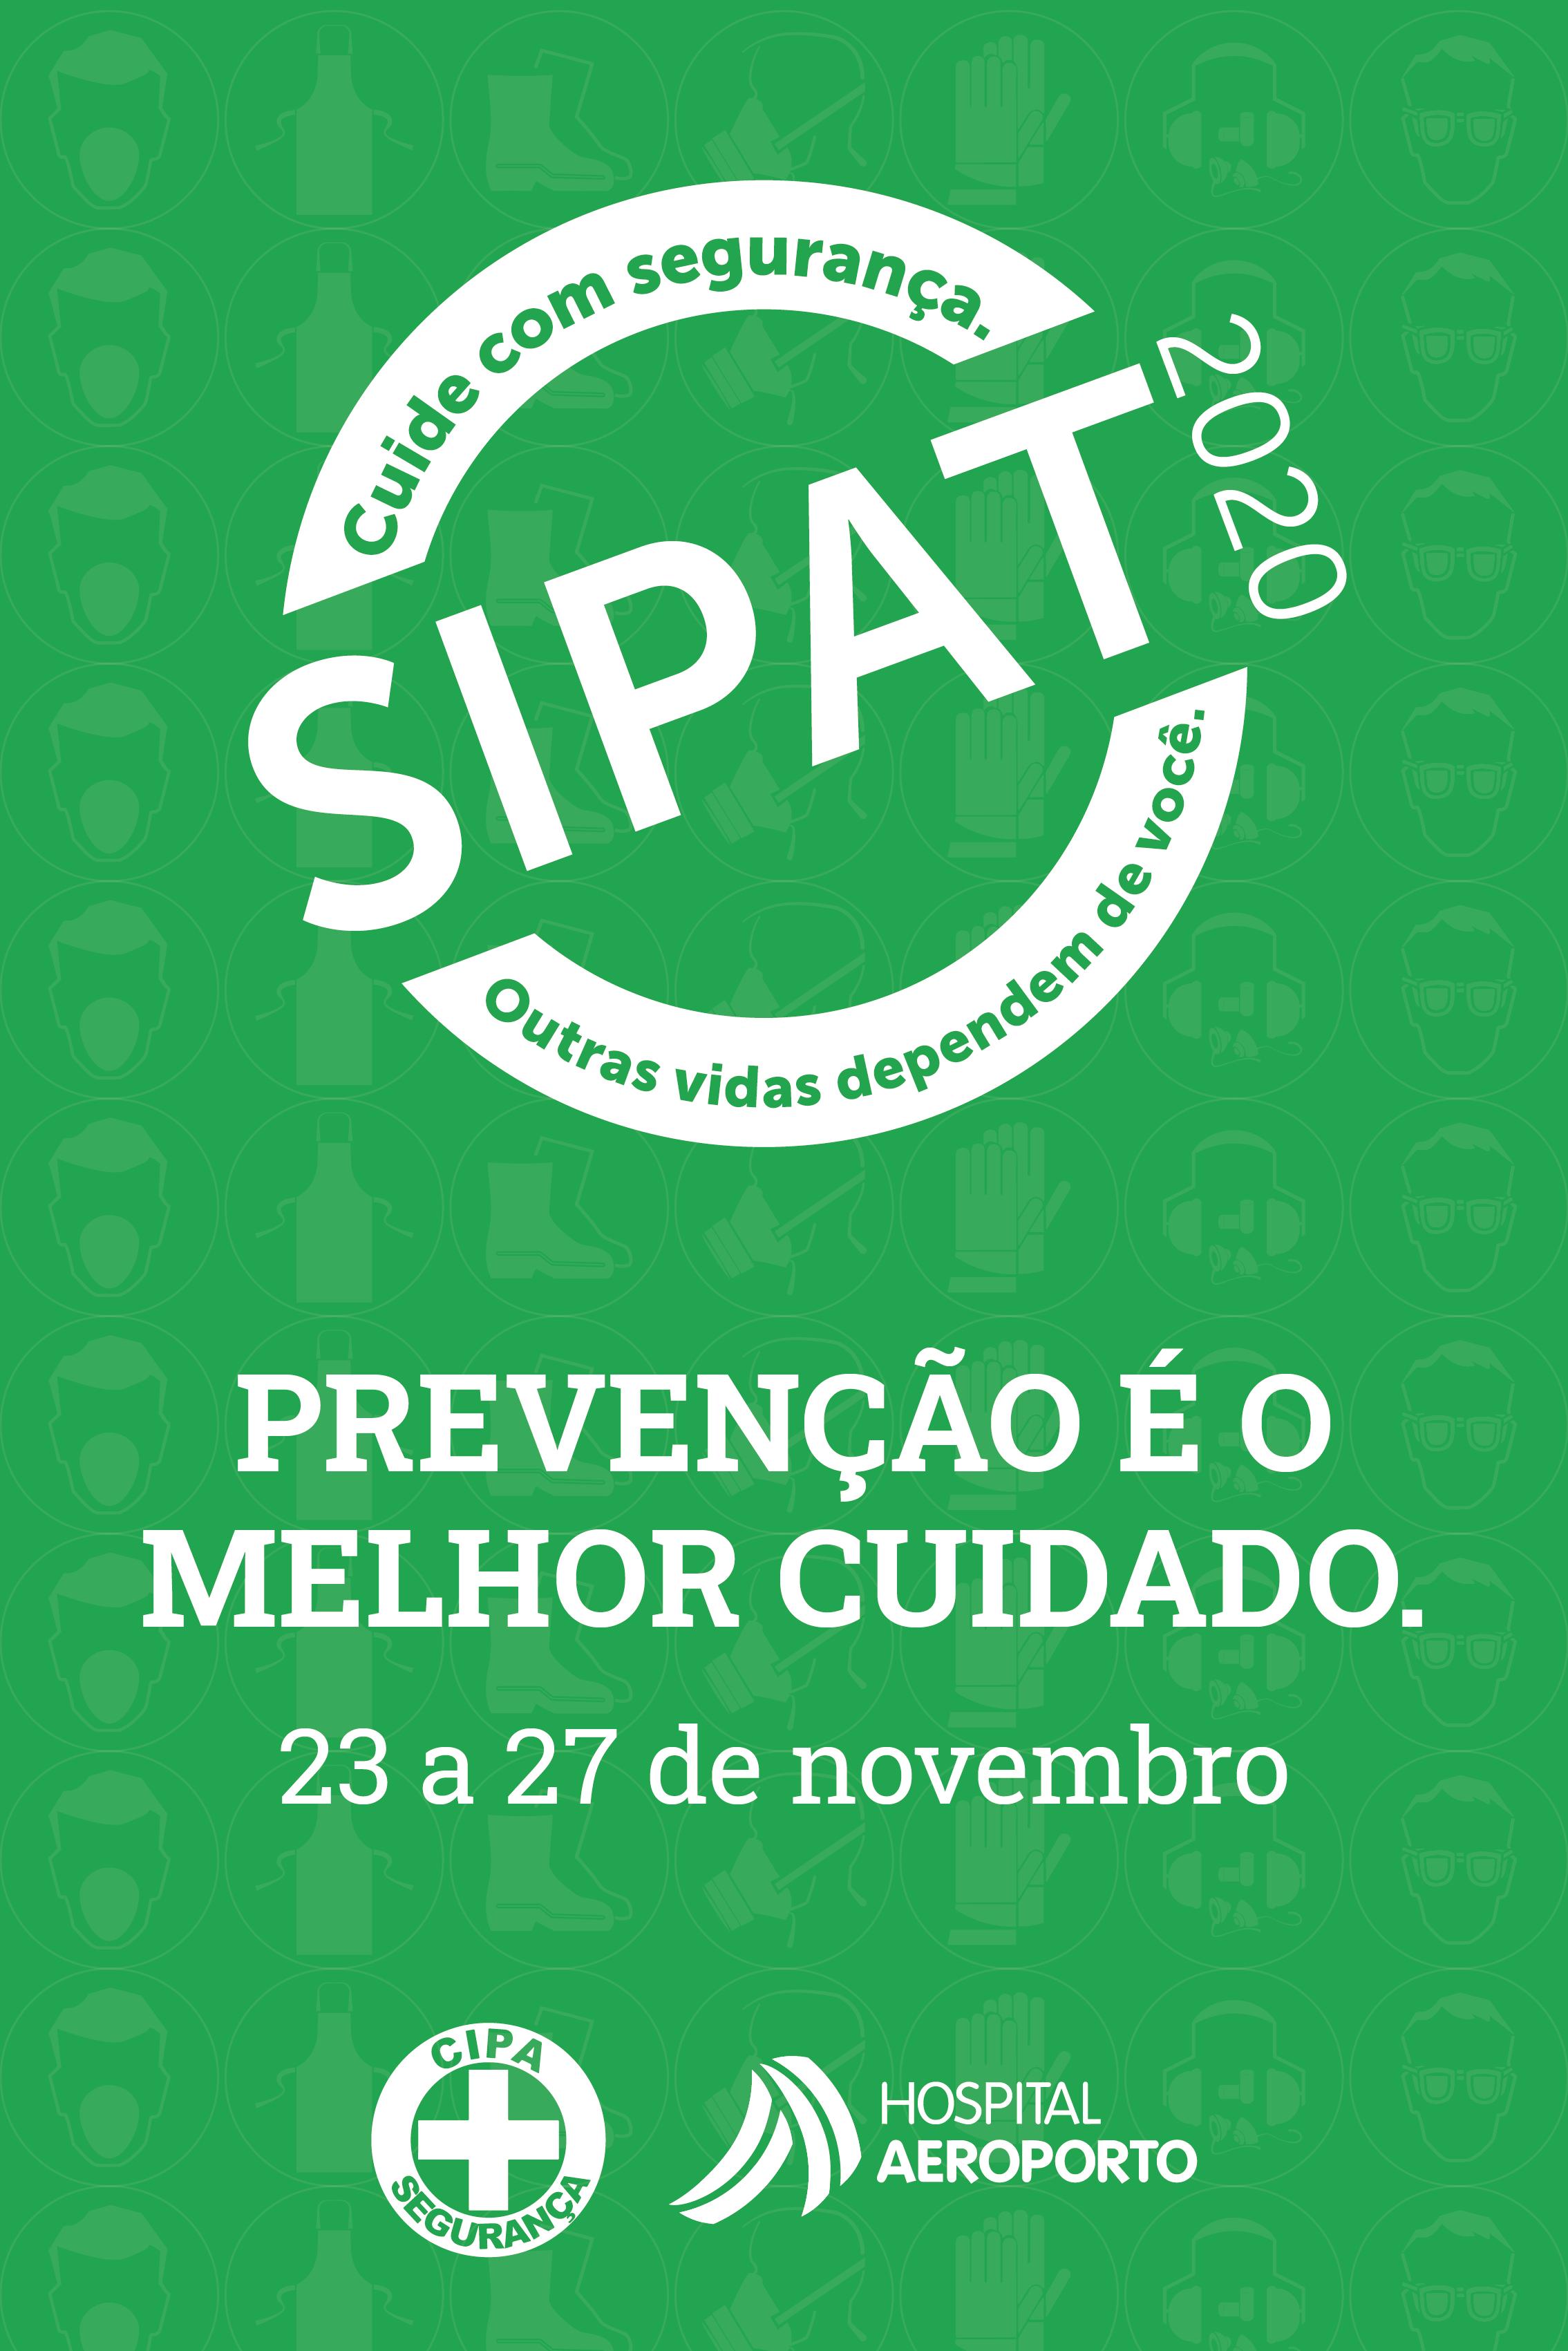 SIPAT 2020 PREVENÇÃO É O MELHOR CUIDADO.